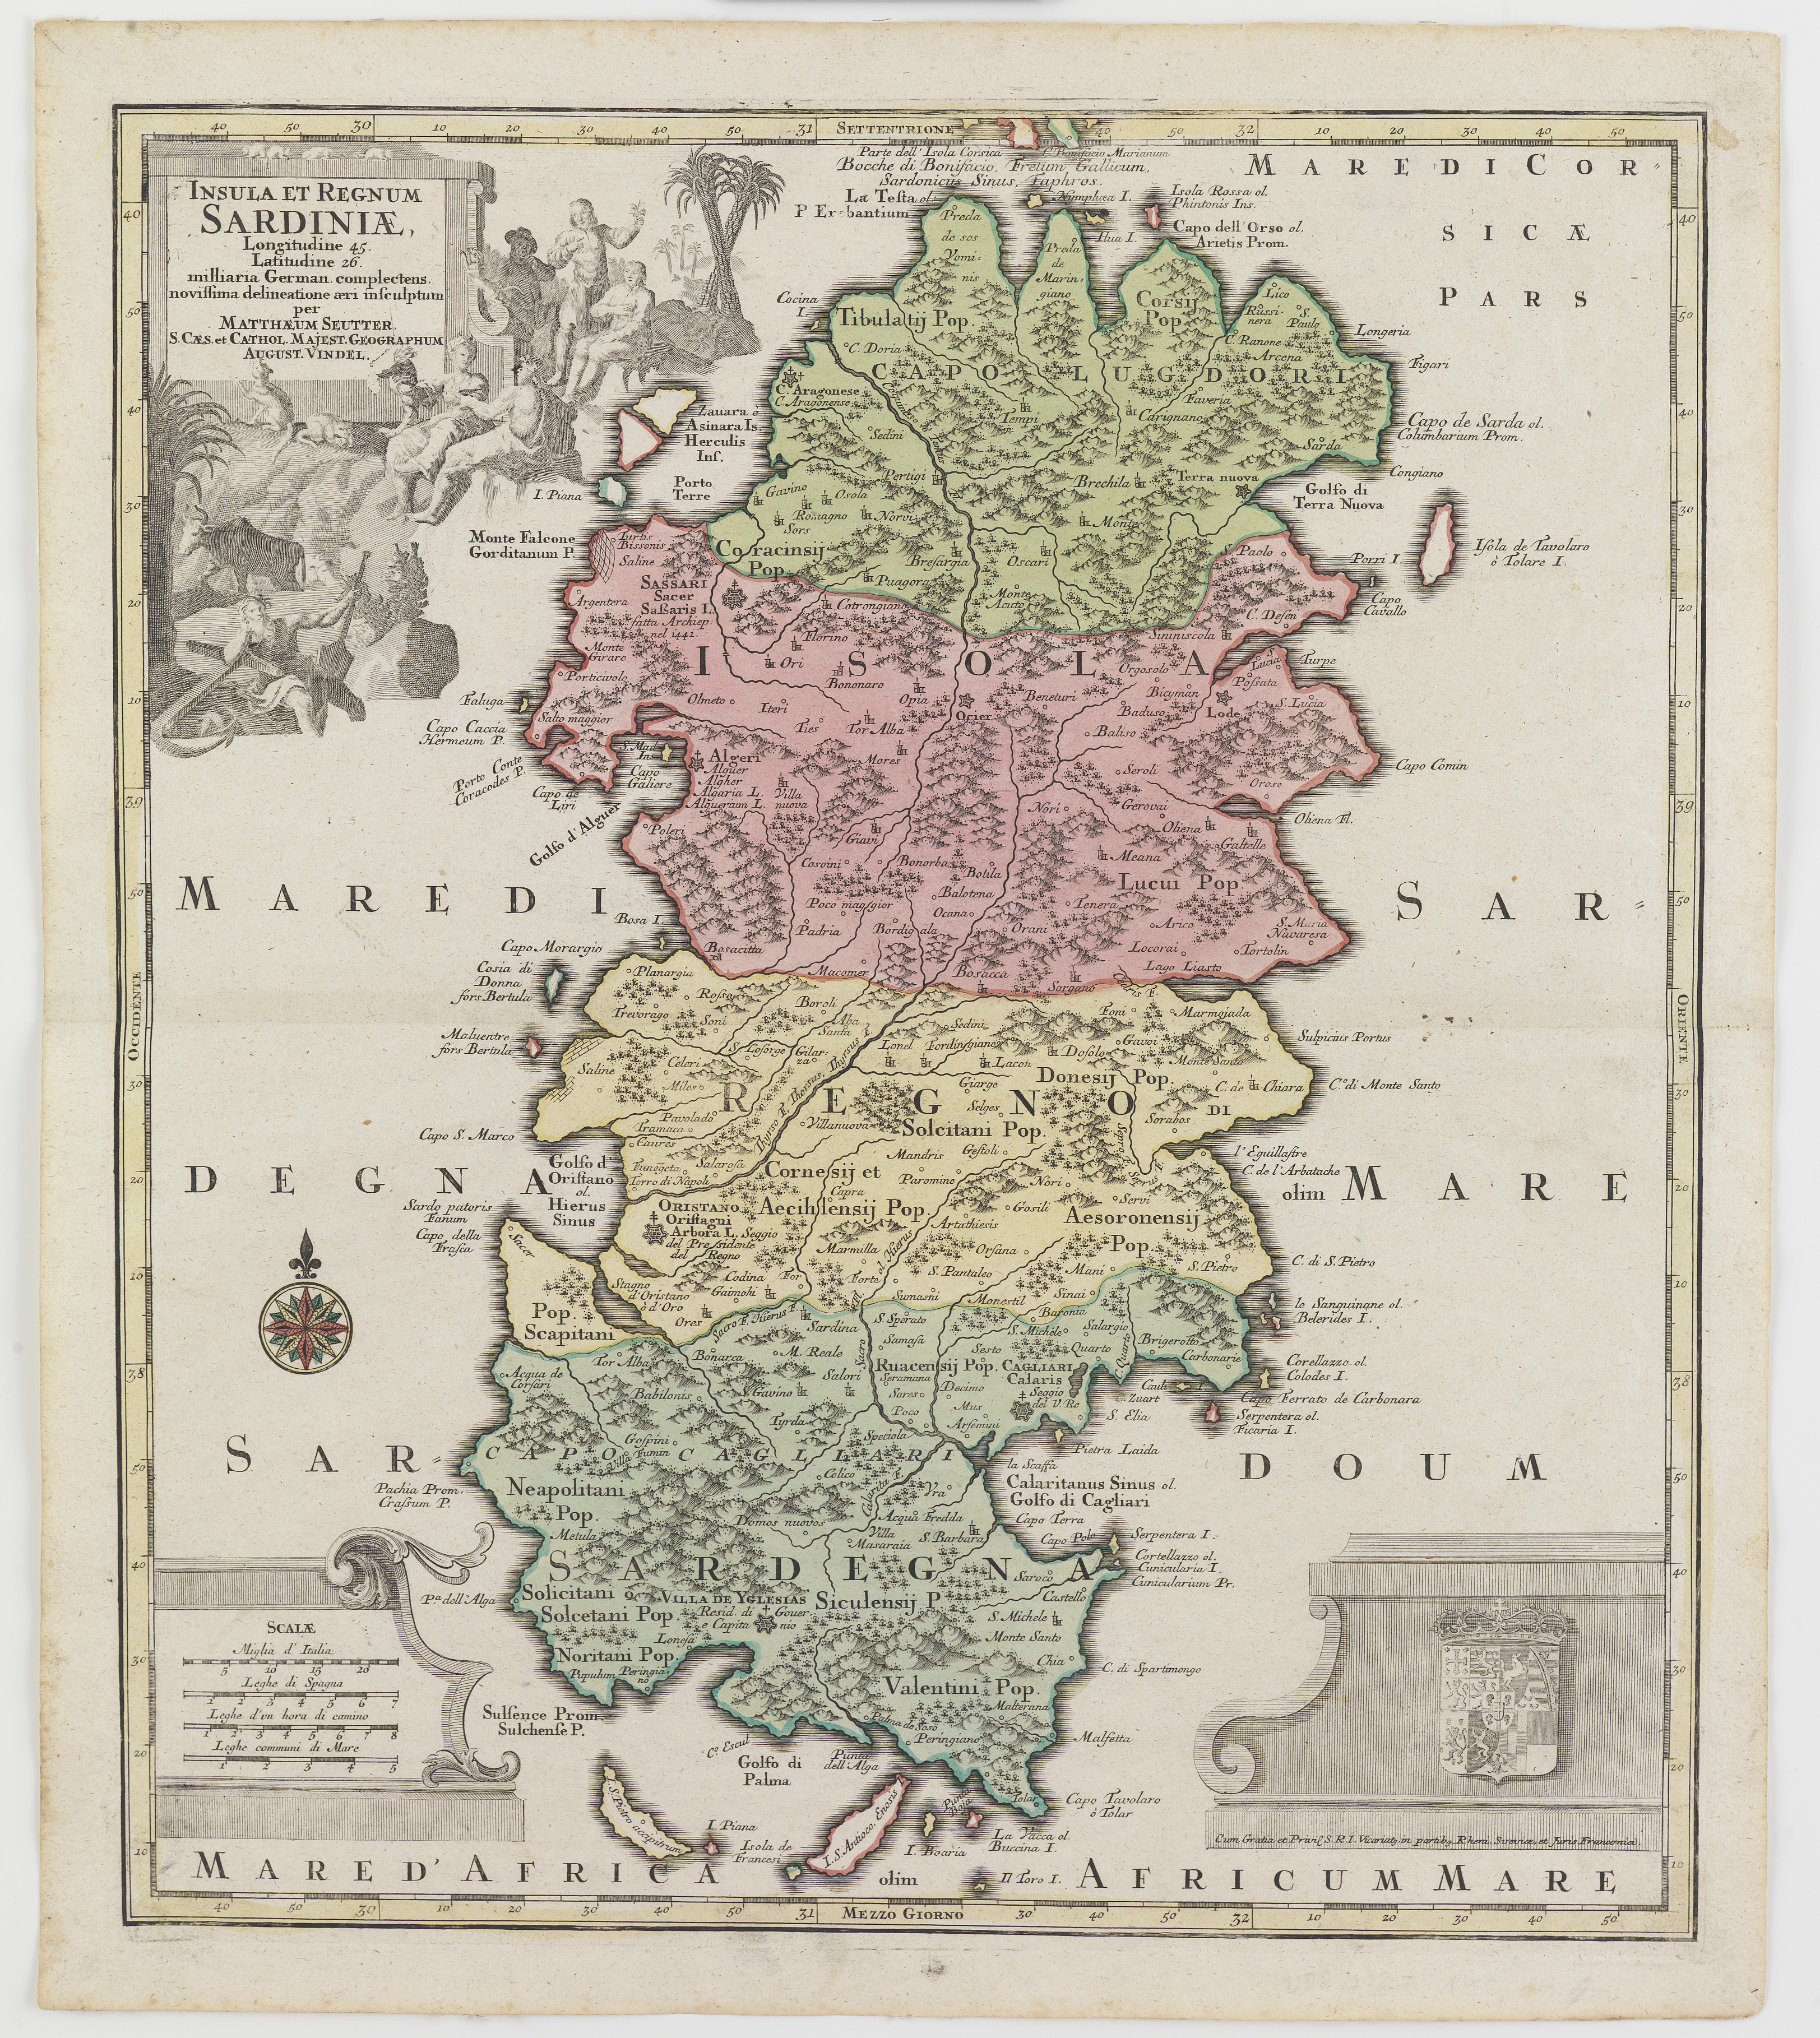 Immagini Della Cartina Geografica Della Sardegna.Fondazione Di Sardegna